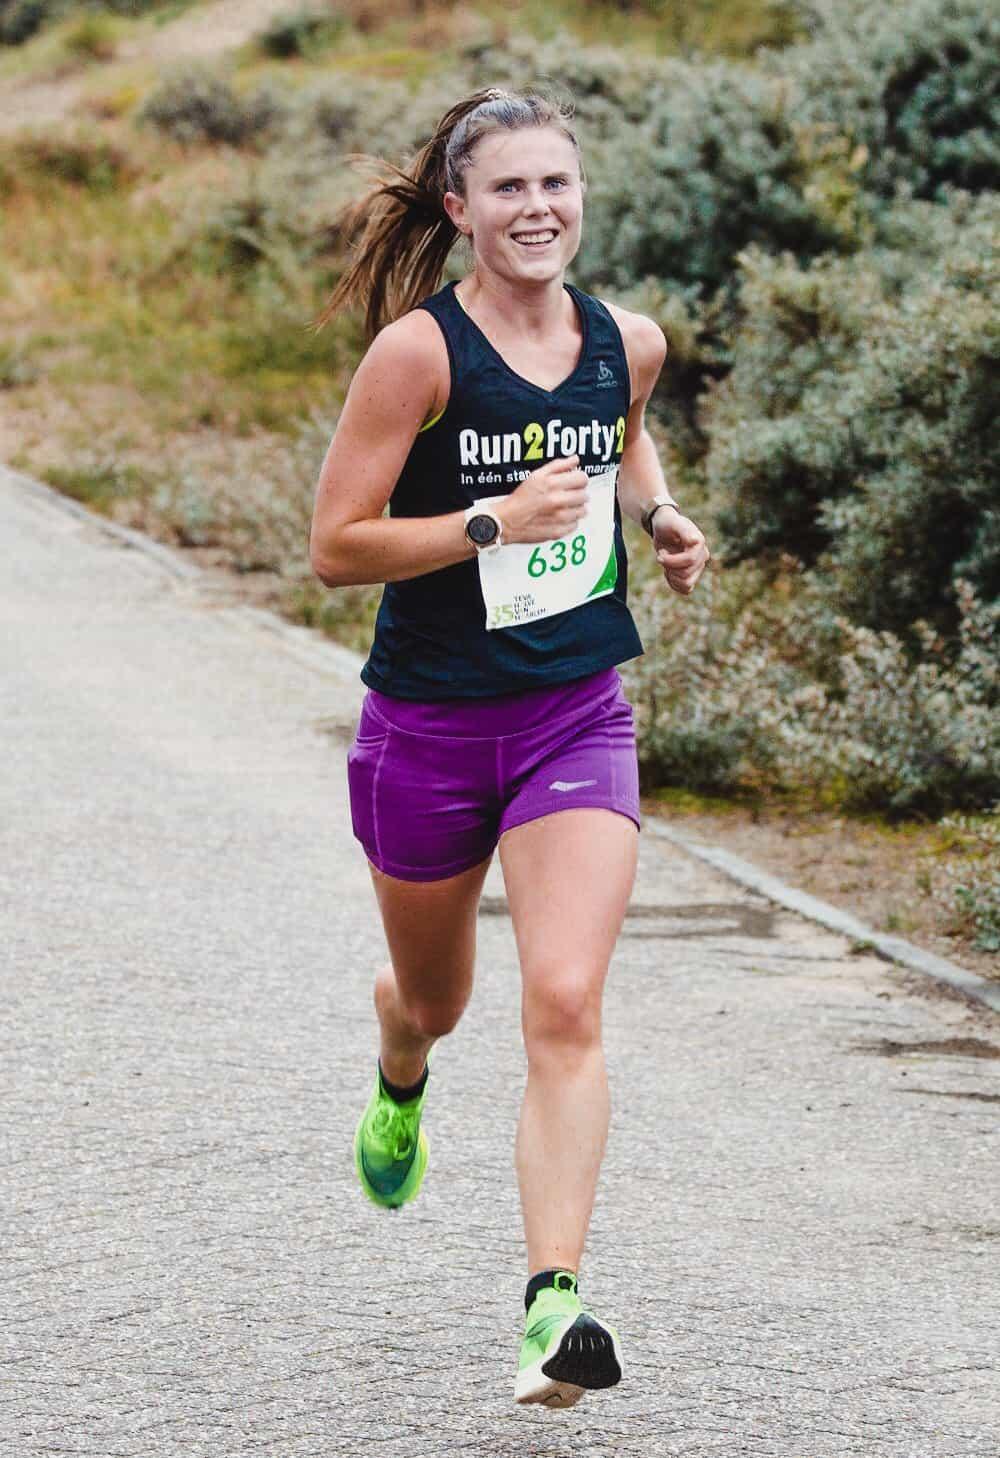 trainingsschema snelle halve marathon, hardlooptrainingen hardlooptips halve marathontraining